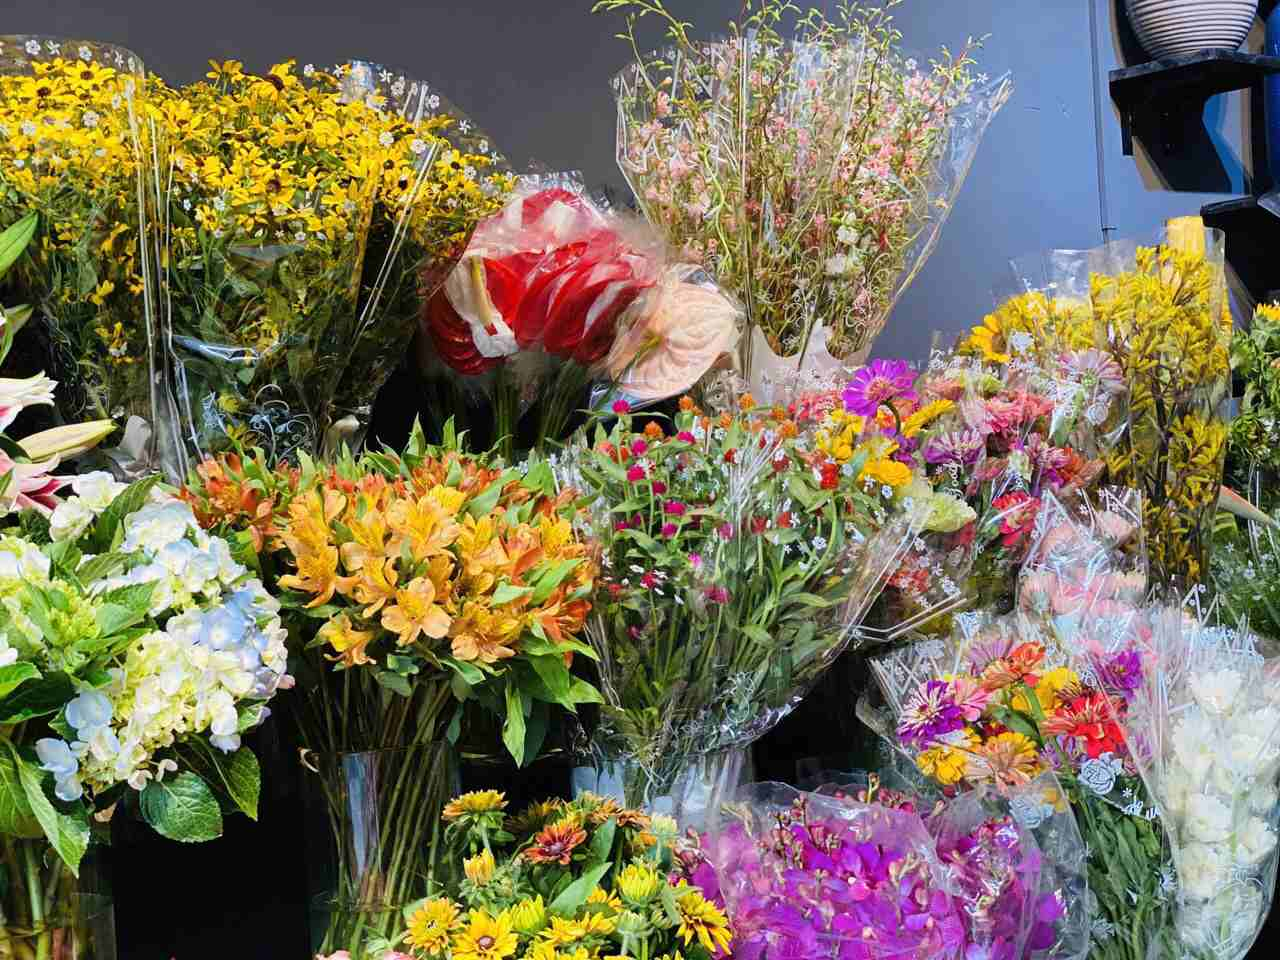 Nhiều loại hoa được trưng bày và chăm sóc cẩn thận và cập nhật hoa mới mỗi ngày